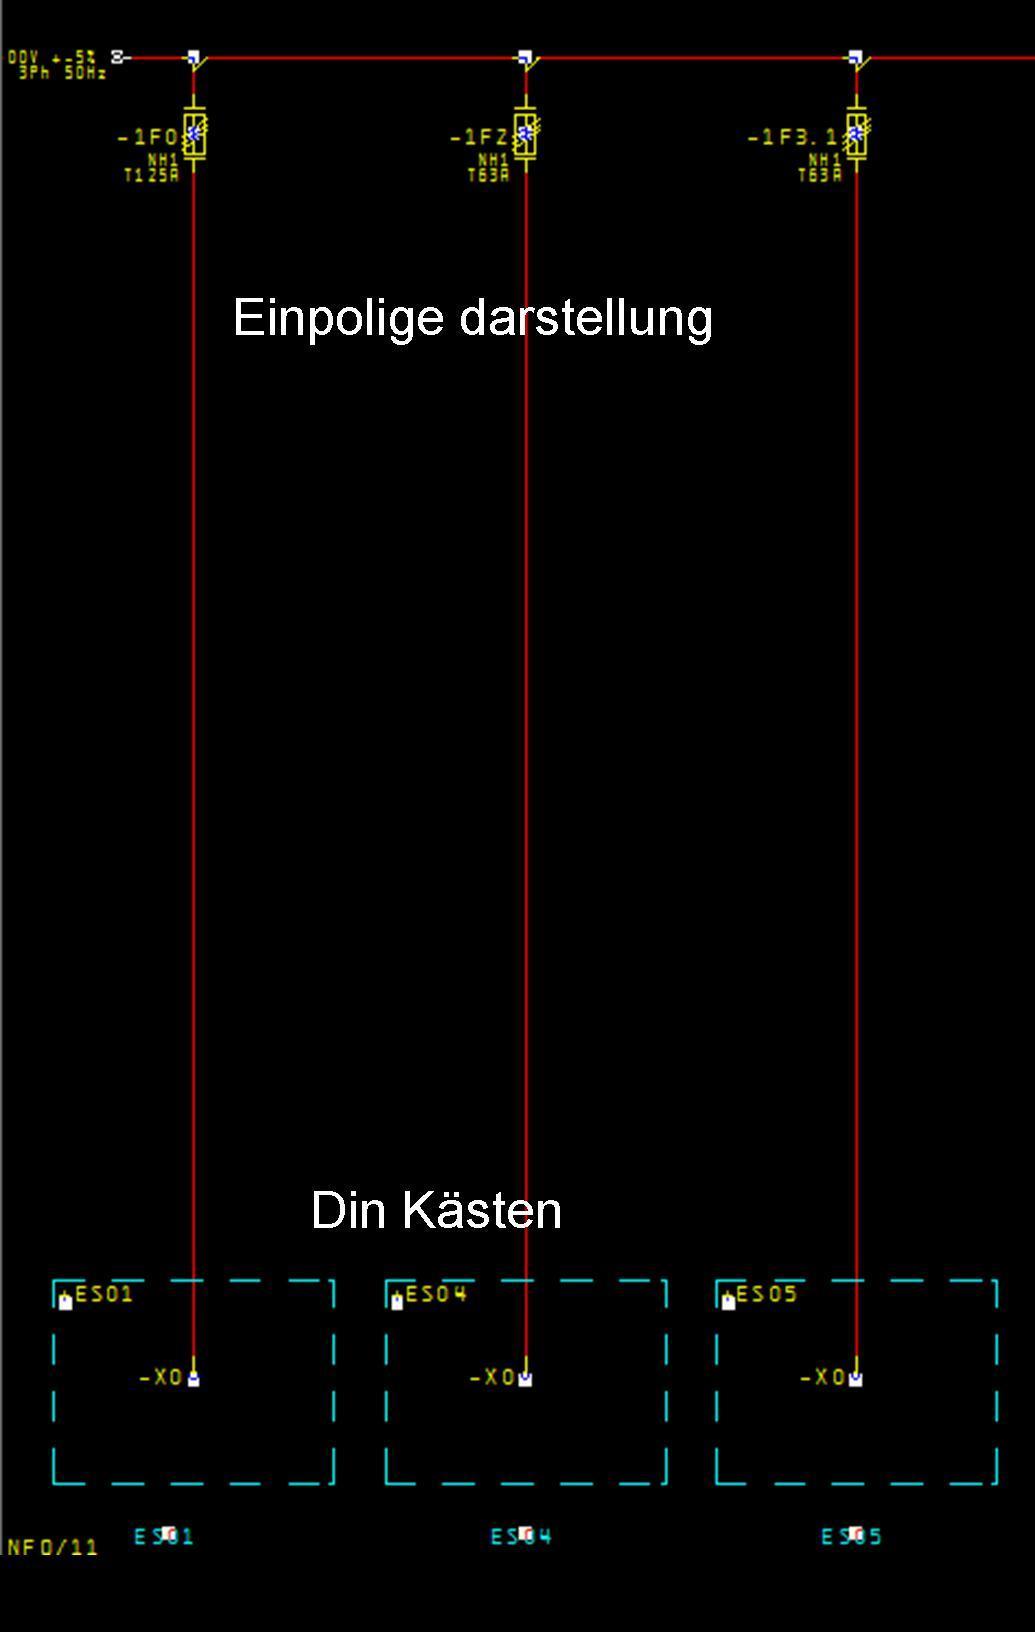 einpolige darstellung....!!!! (Elektrotechnik/EPLAN5) - Foren auf CAD.de